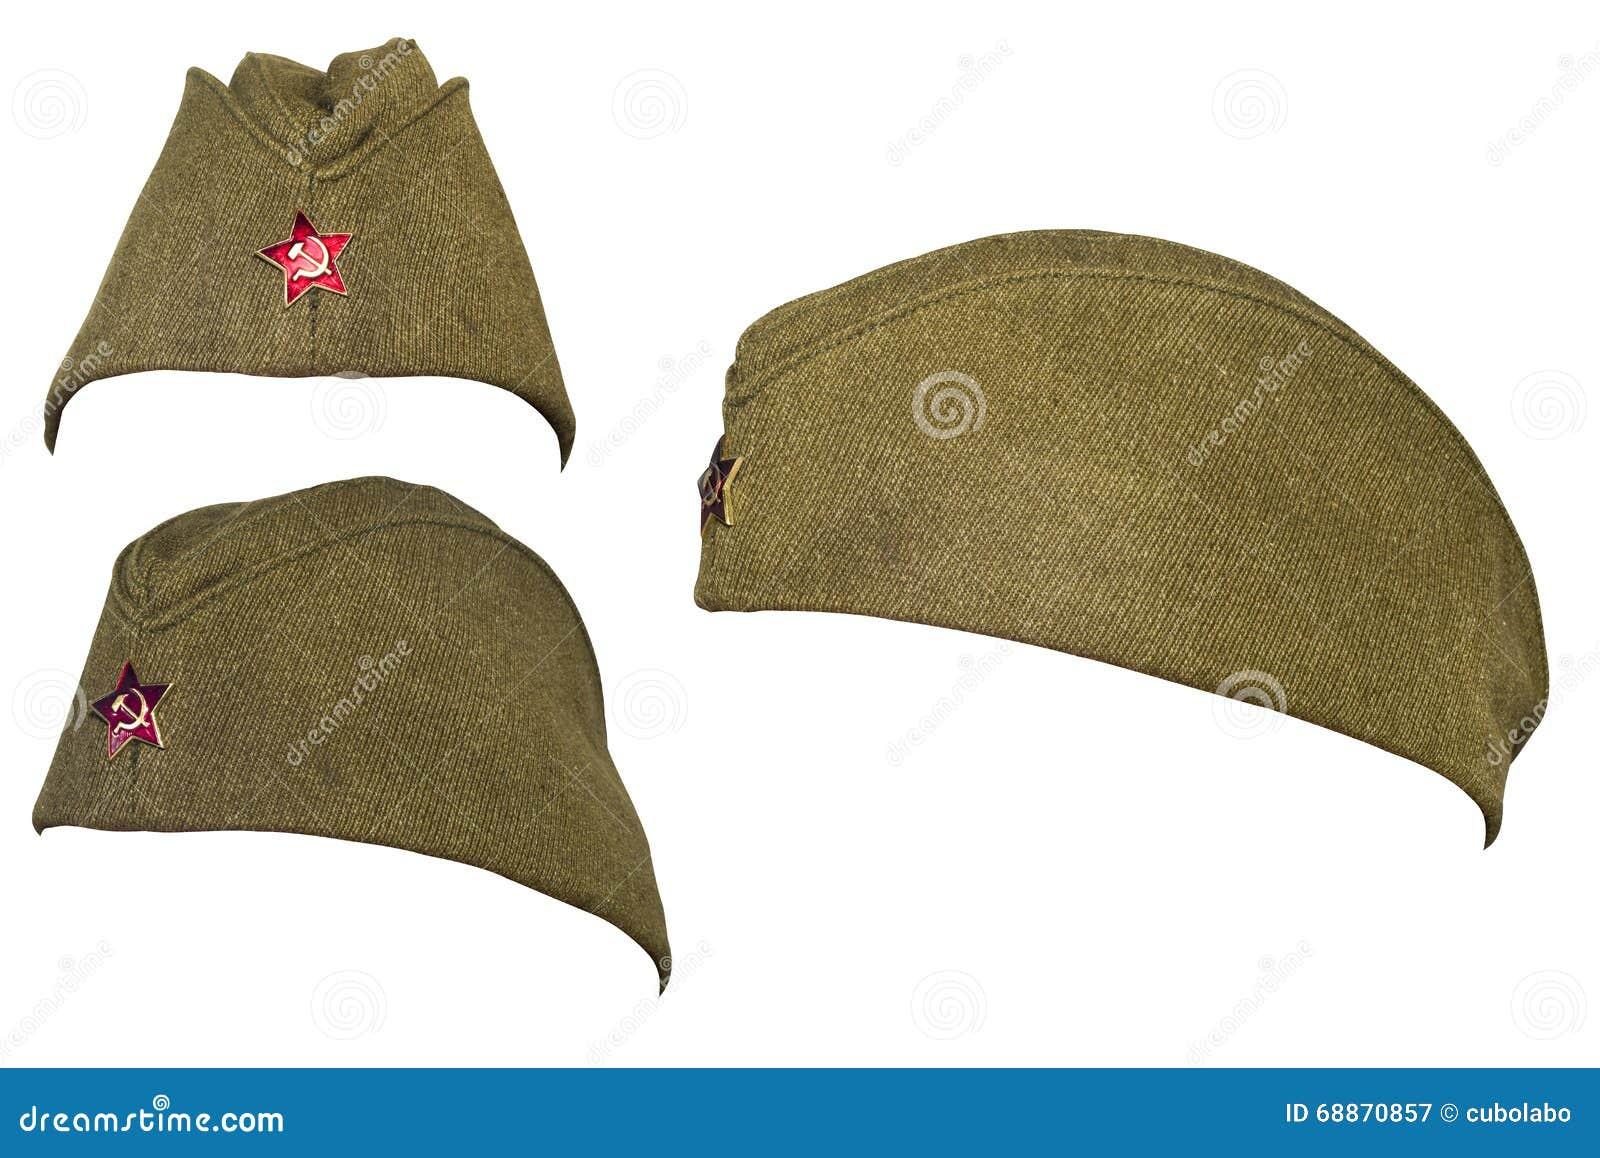 soldes officiel style classique de 2019 Chapeau De Soldat De L'armée Russe Dans La Période Du ...